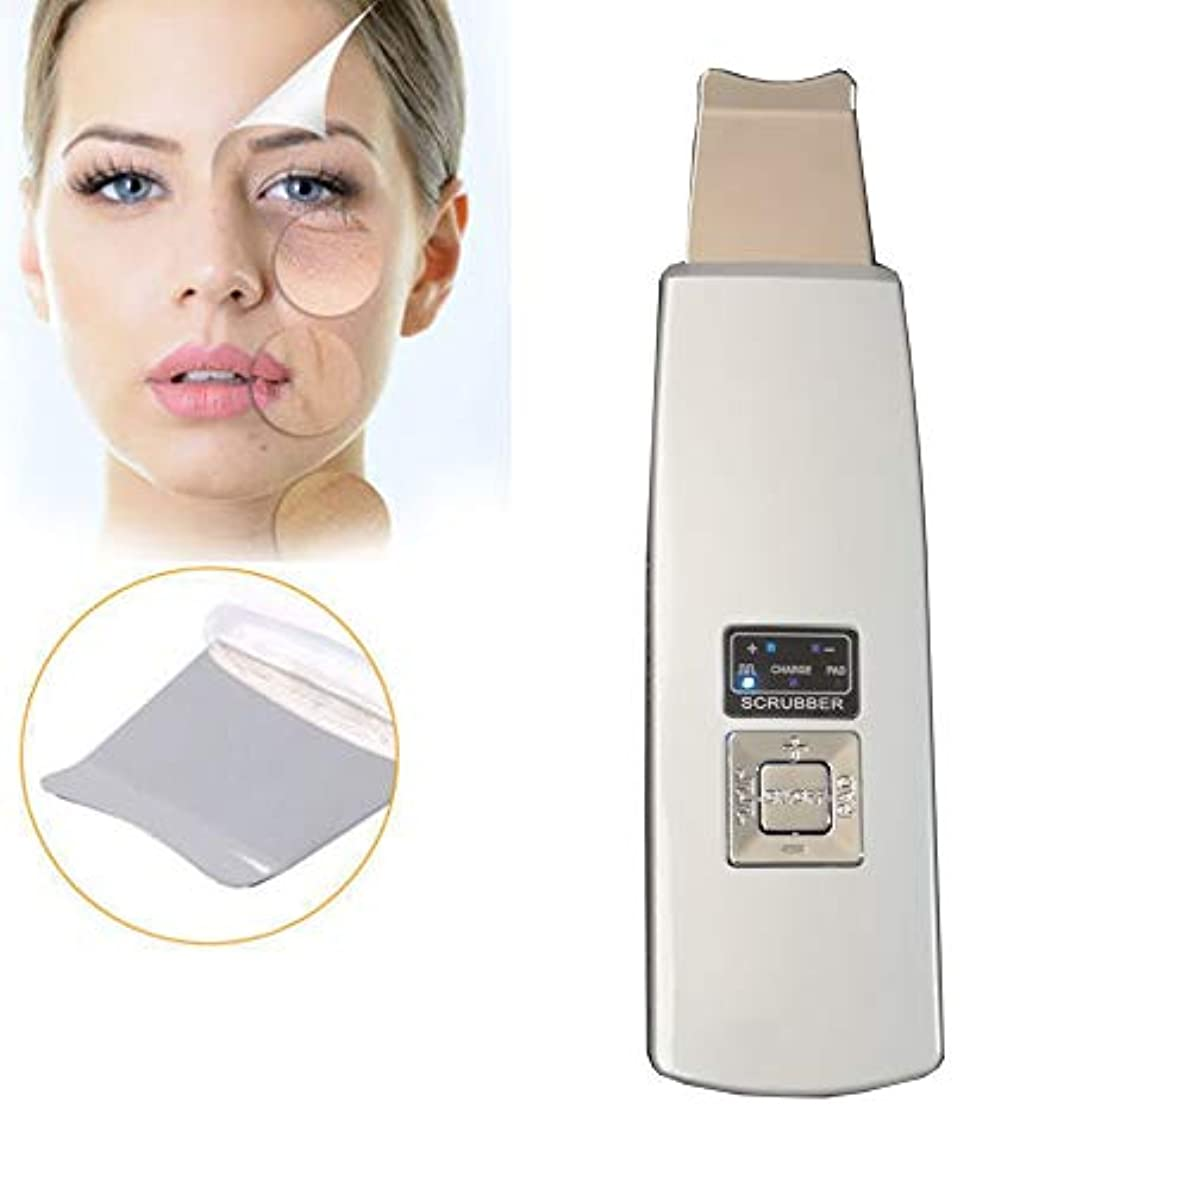 換気する台無しに北顔の皮膚のスクラバー、ポータブル?フェイシャル超音波超音波イオンスキンケアスクラバーデバイス美容機は、ブラックヘッド面皰死んだ皮膚の除去を削除する方法